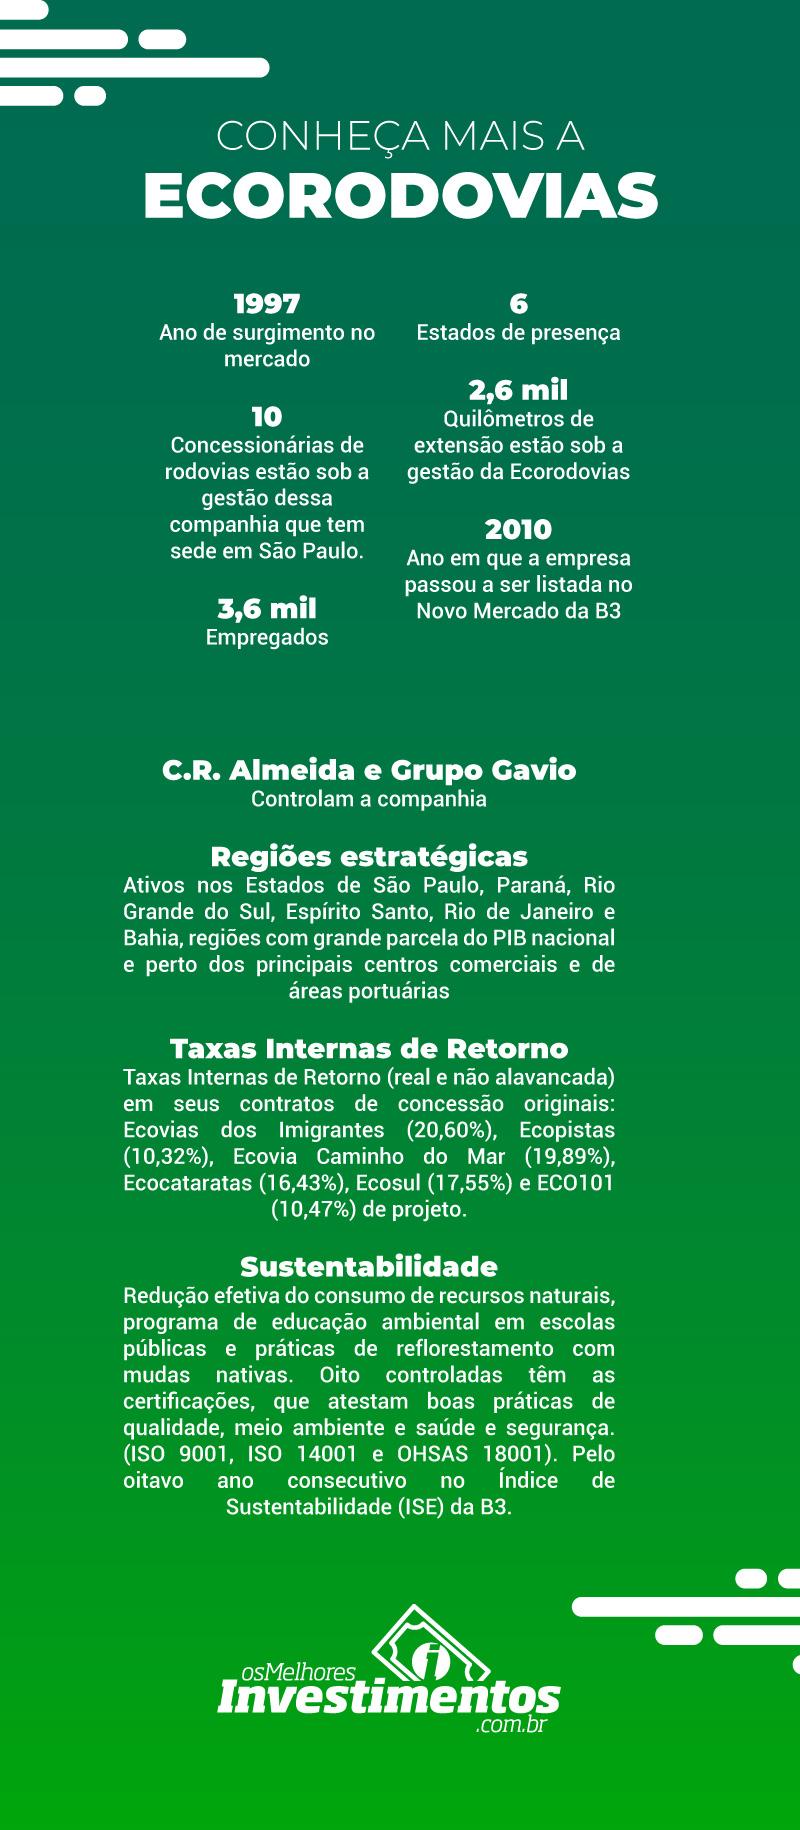 Infográfico Ecorodovias - Os Melhores Investimentos